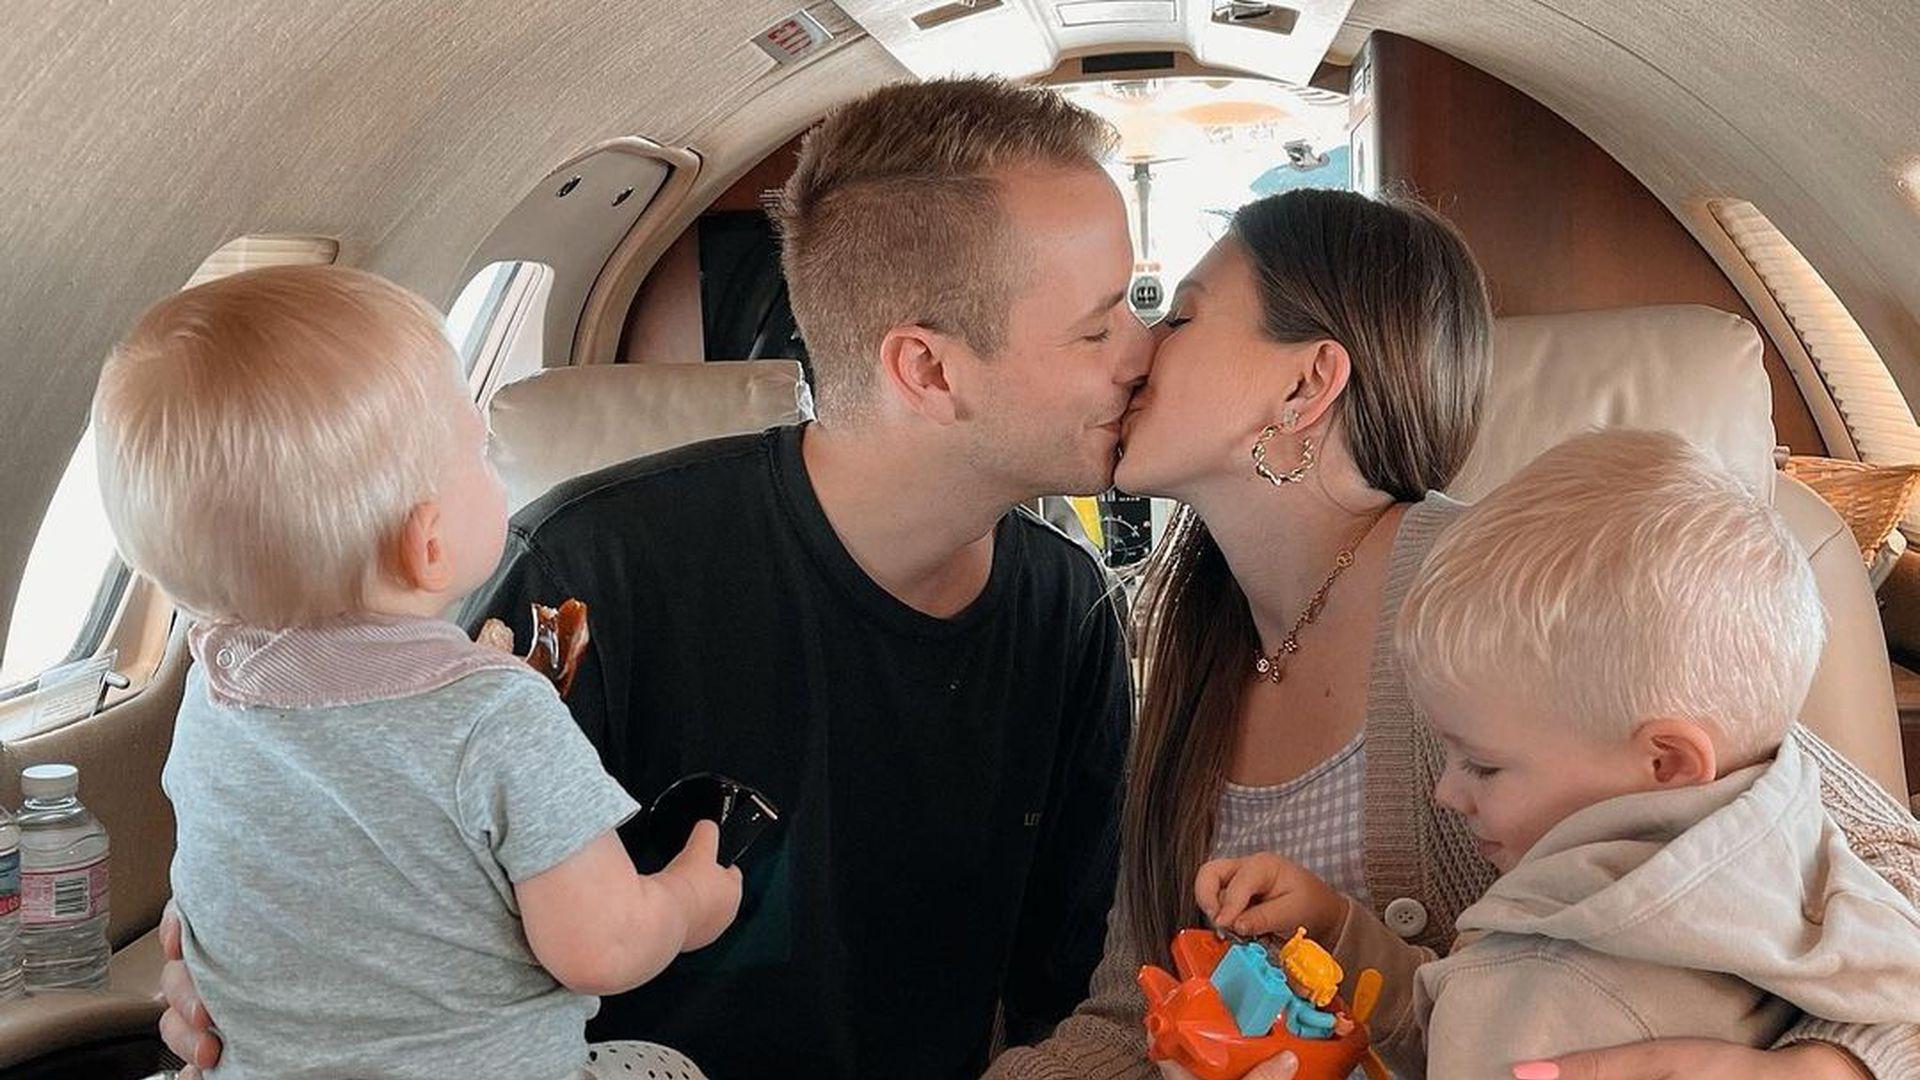 Süßes Familienfoto: Bibi und Julian feiern Zwölfjähriges! - Promiflash.de